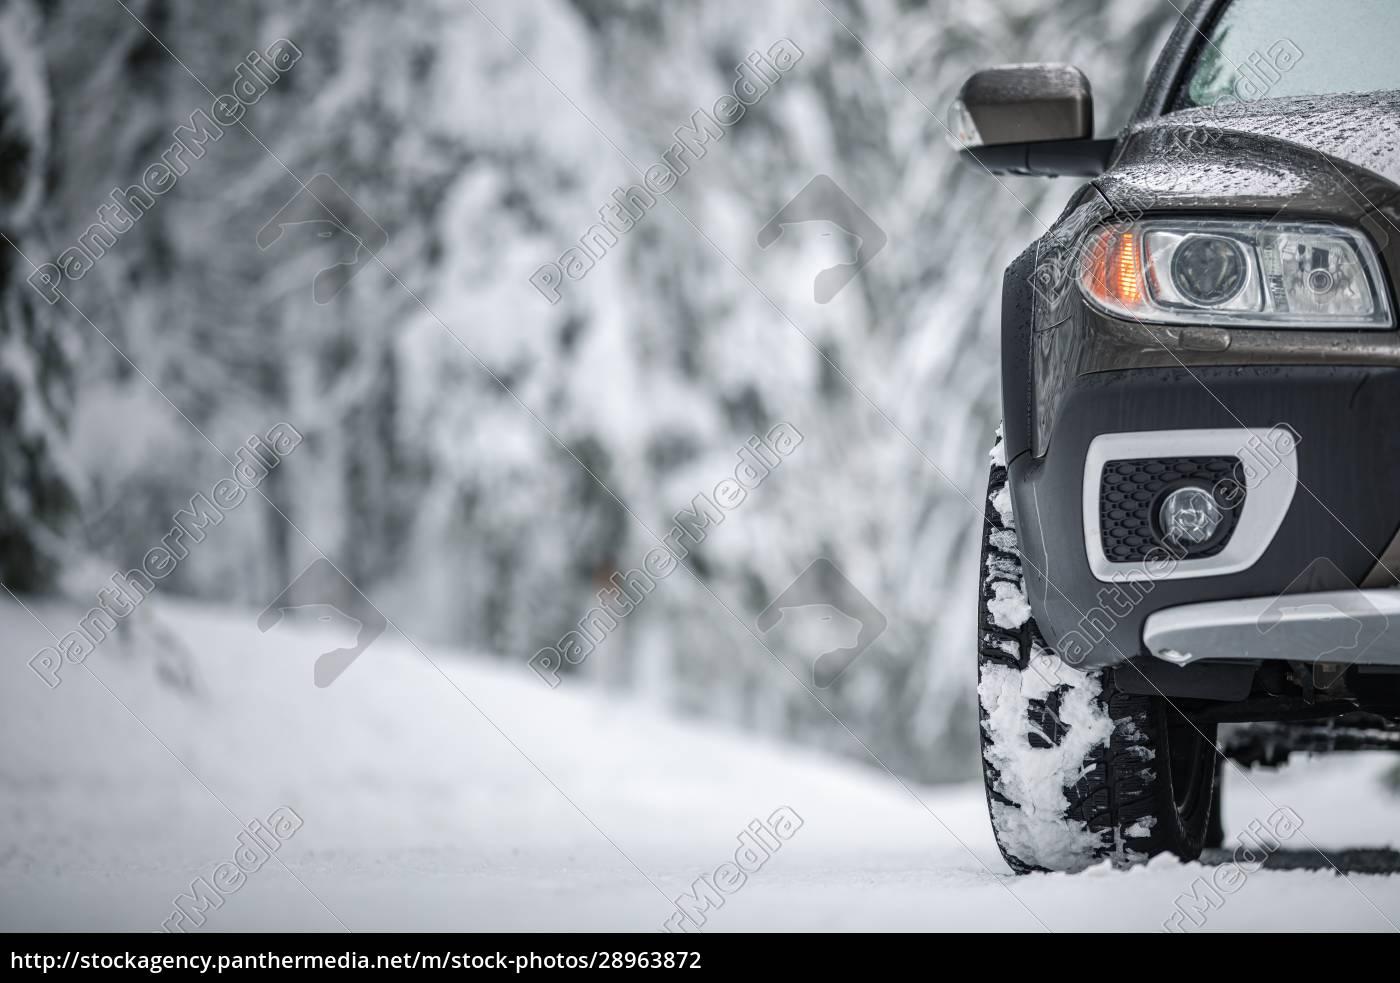 auto, auf, verschneiter, winterstraße, inmitten, von - 28963872